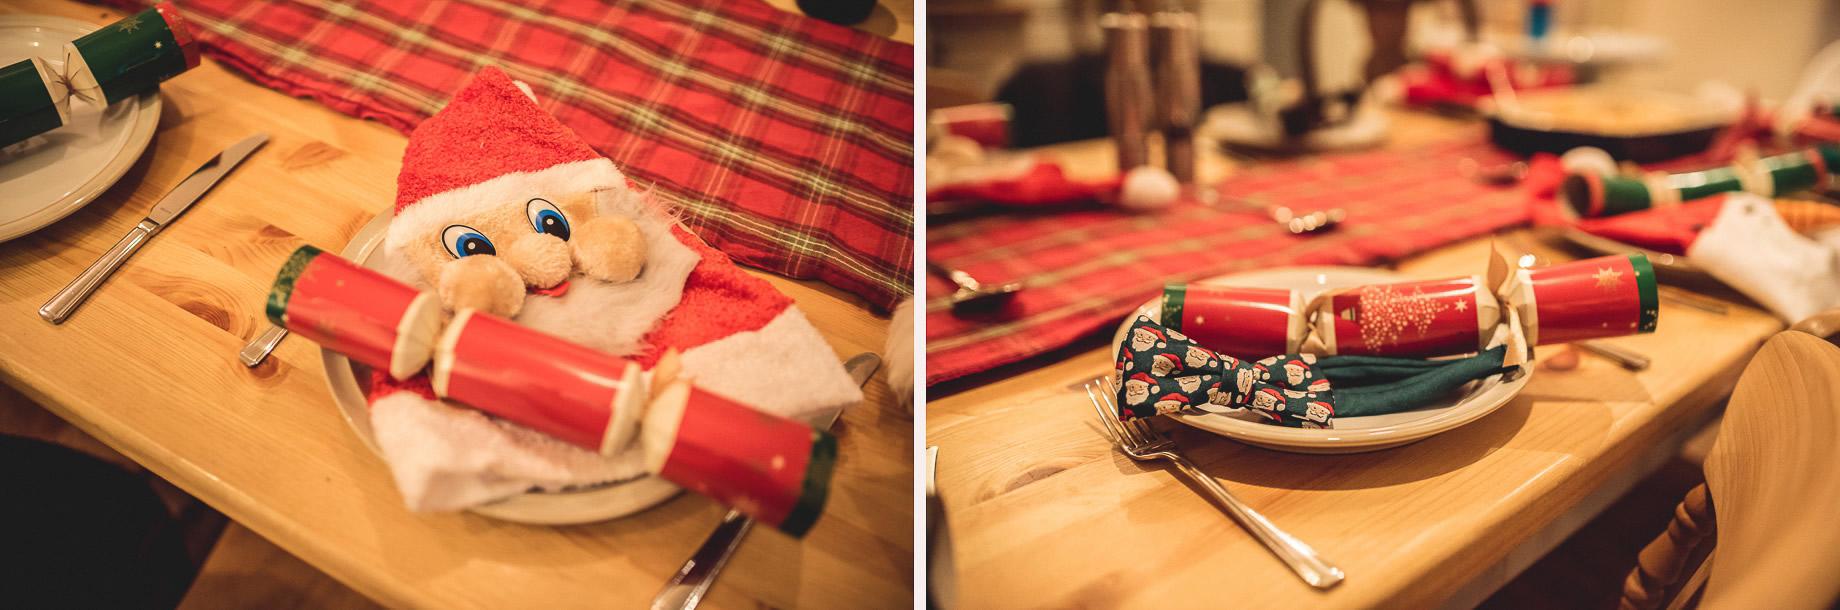 Fake Christmas 2015 029